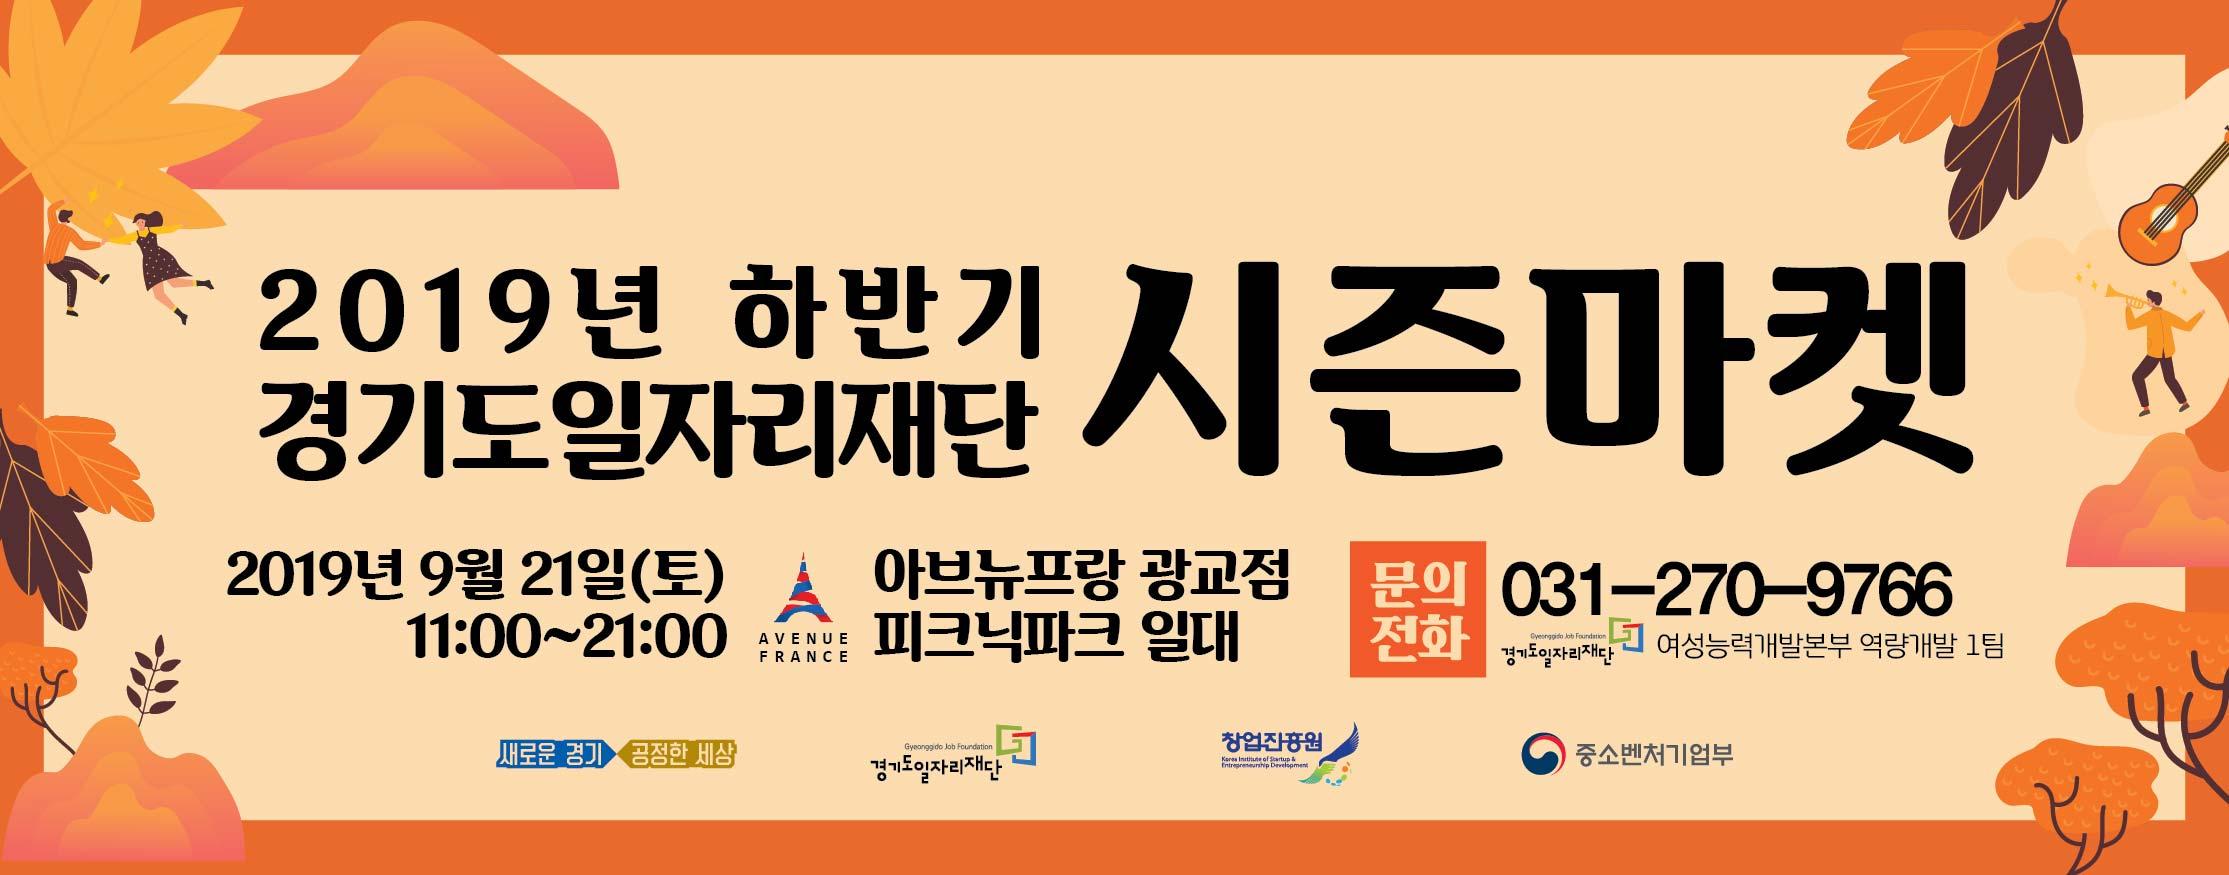 2019년 하반기 경기도일자리재단 시즌 마켓